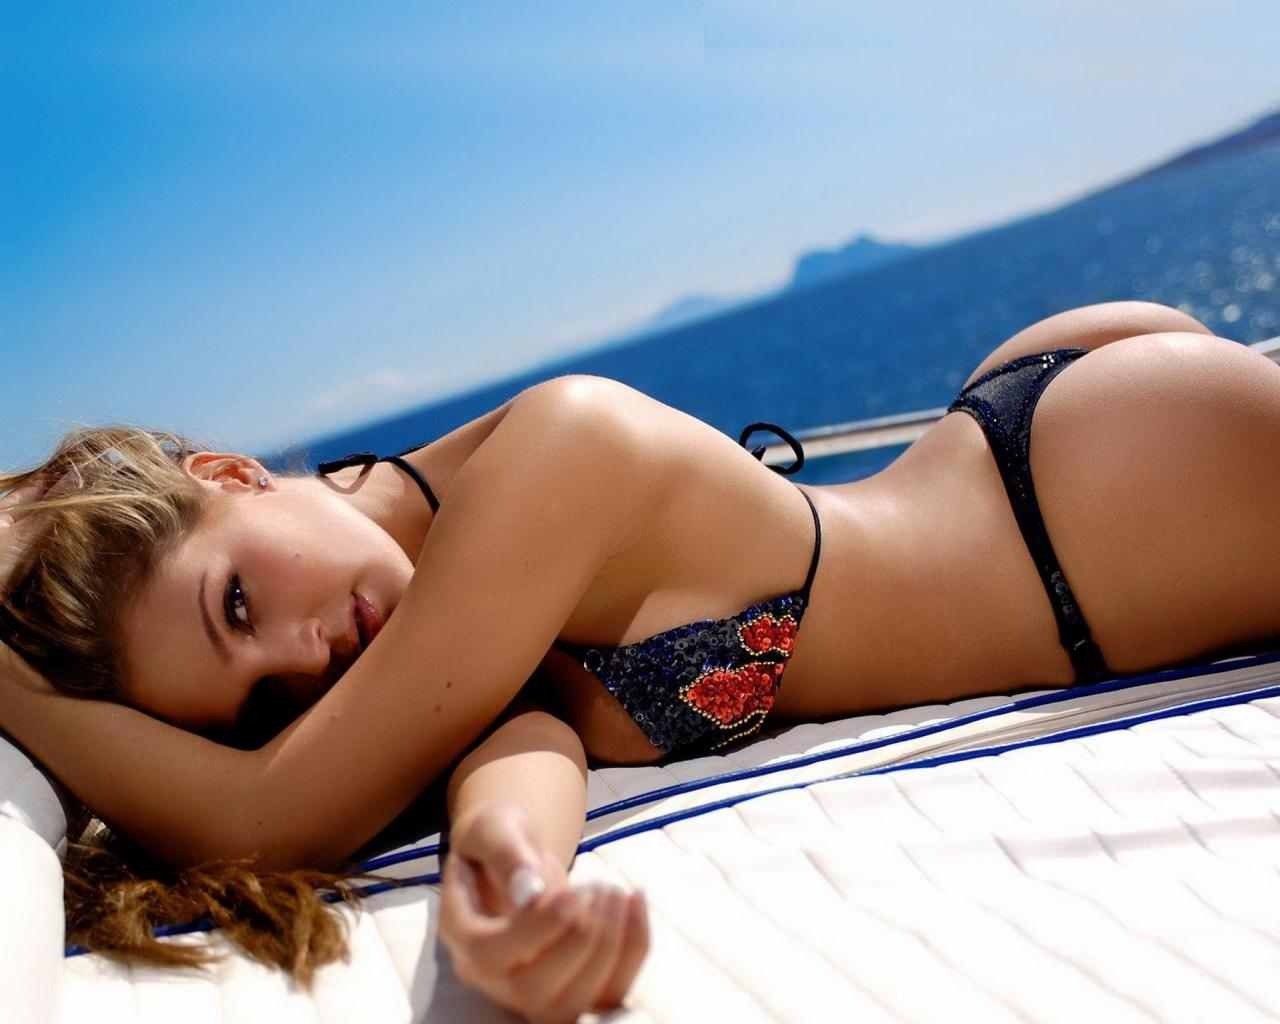 http://1.bp.blogspot.com/-bUpVZp1wEOg/Tb-XNXJWJYI/AAAAAAAAAao/dB0CfGqun2M/s1600/sexy-bikini-woman-wallpapers.jpg